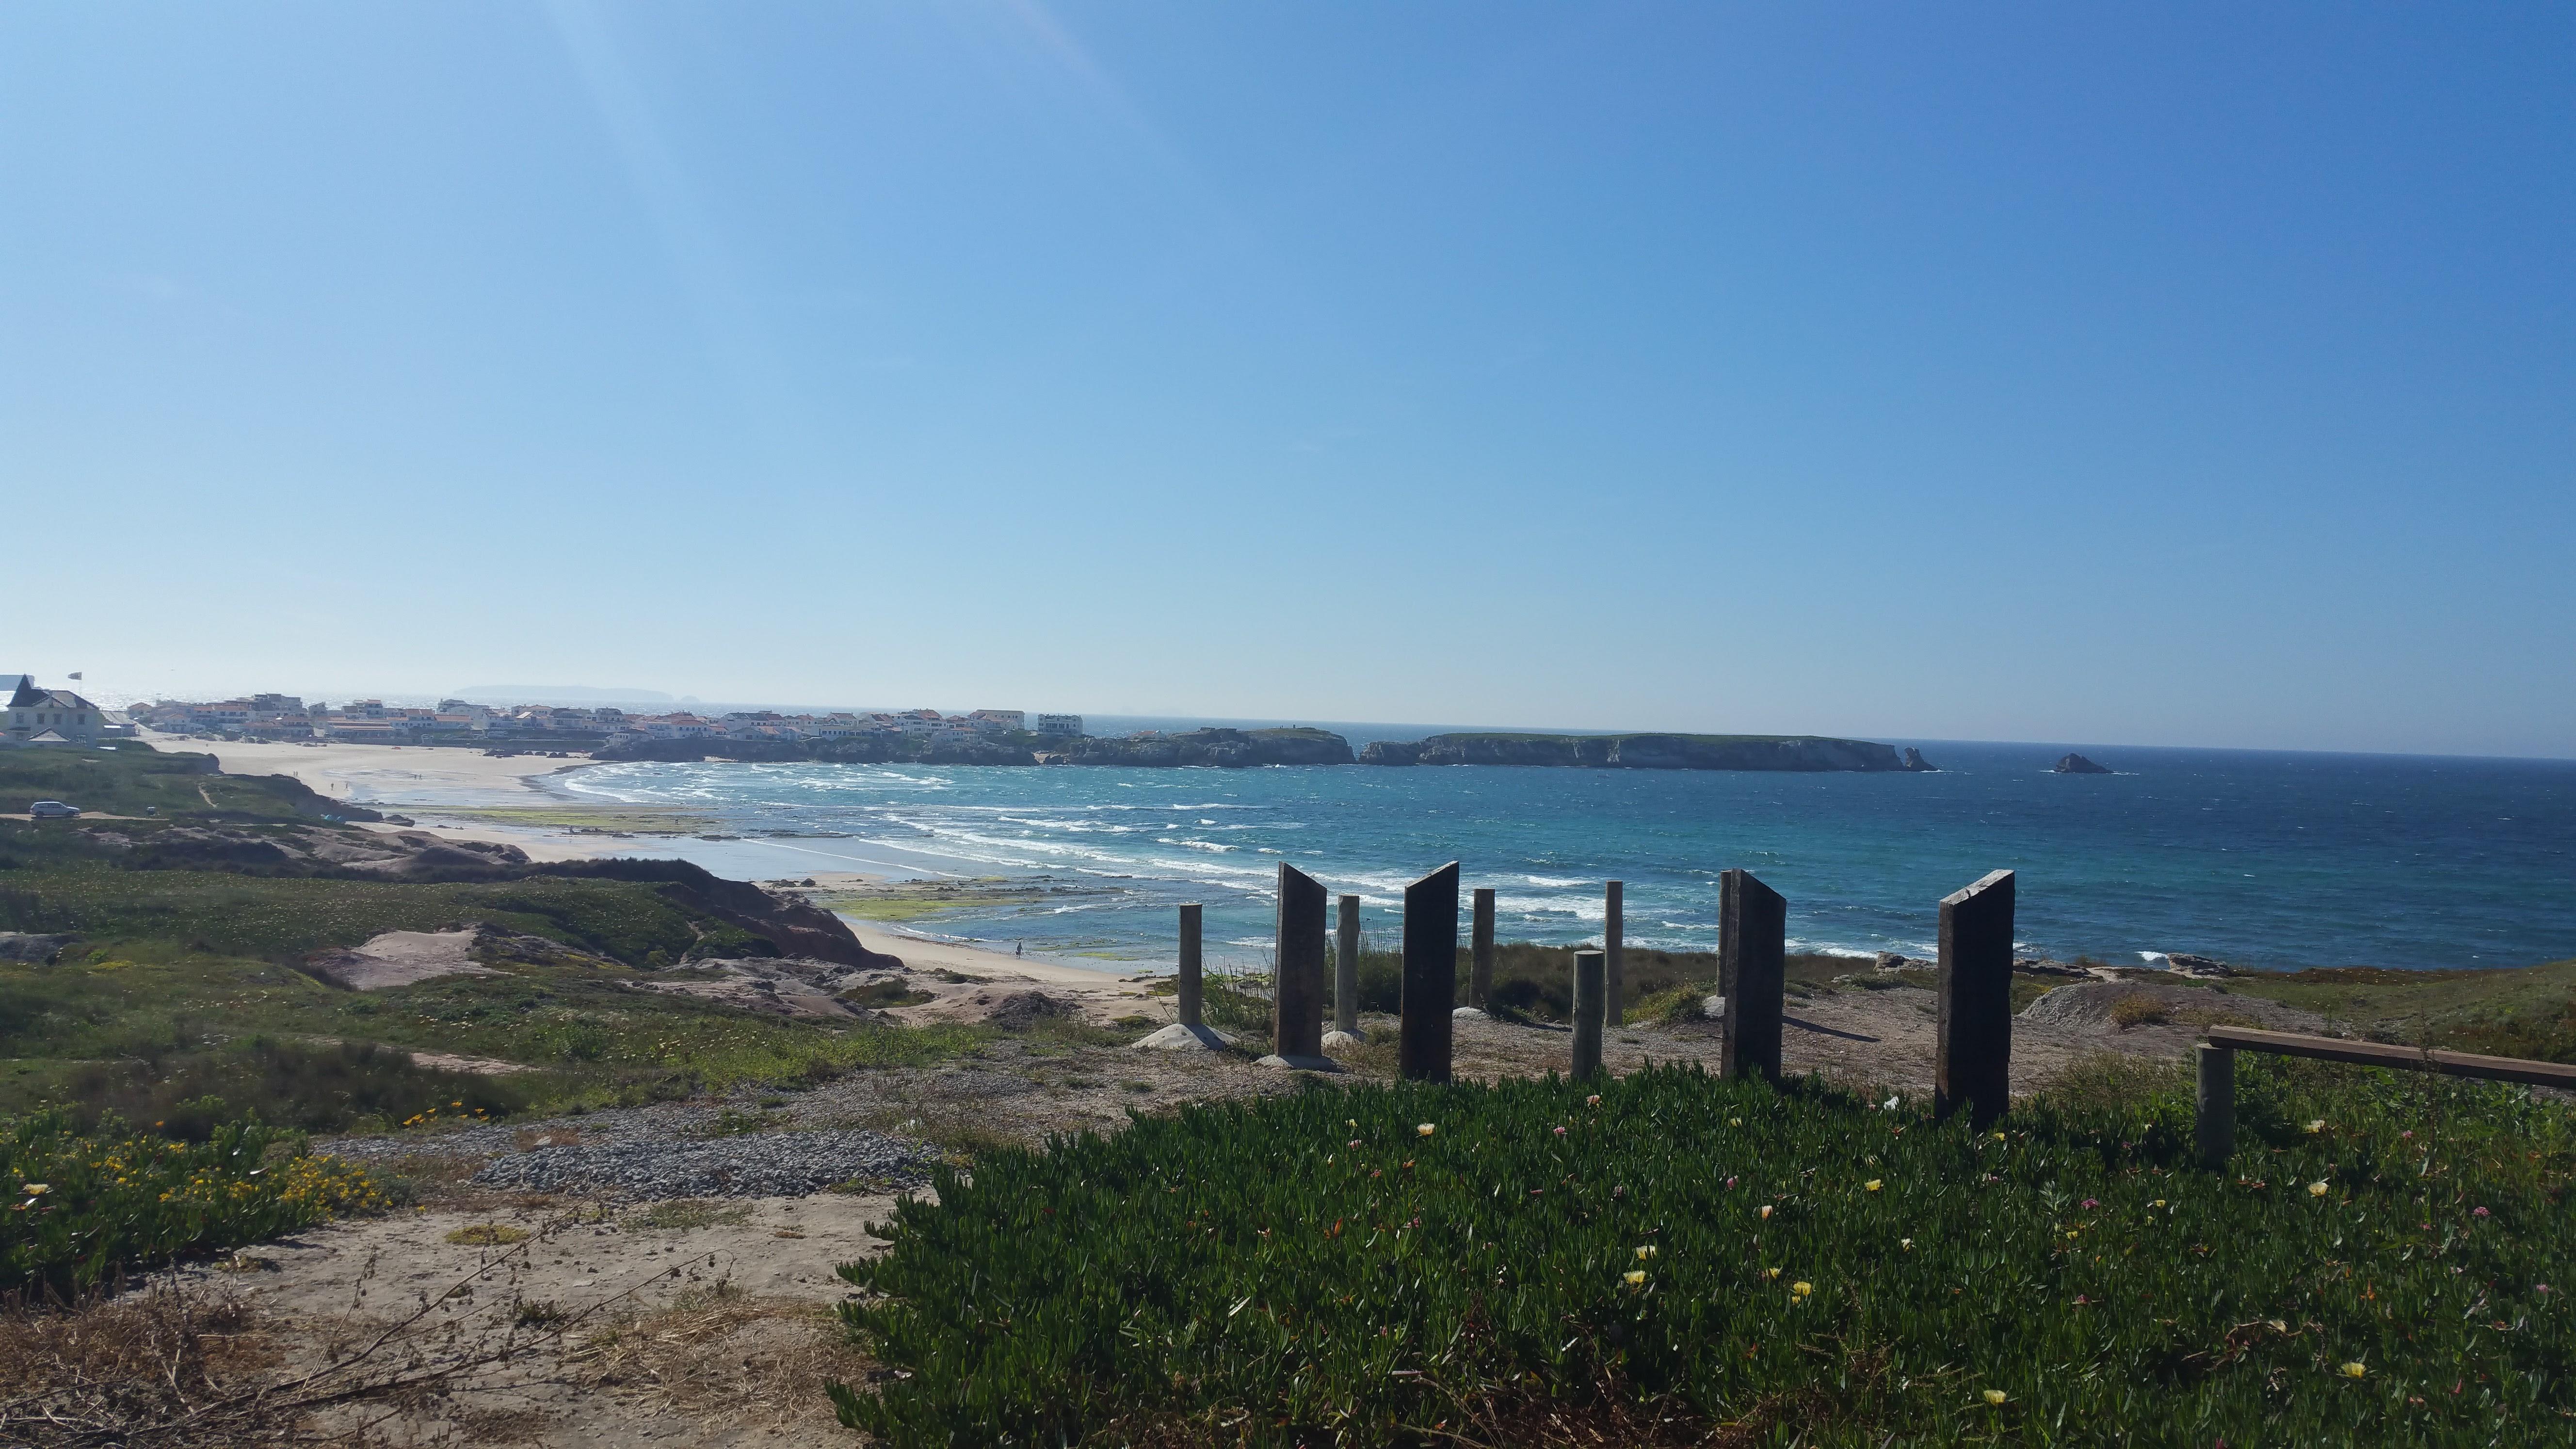 Portugal - Peniche / Baleal